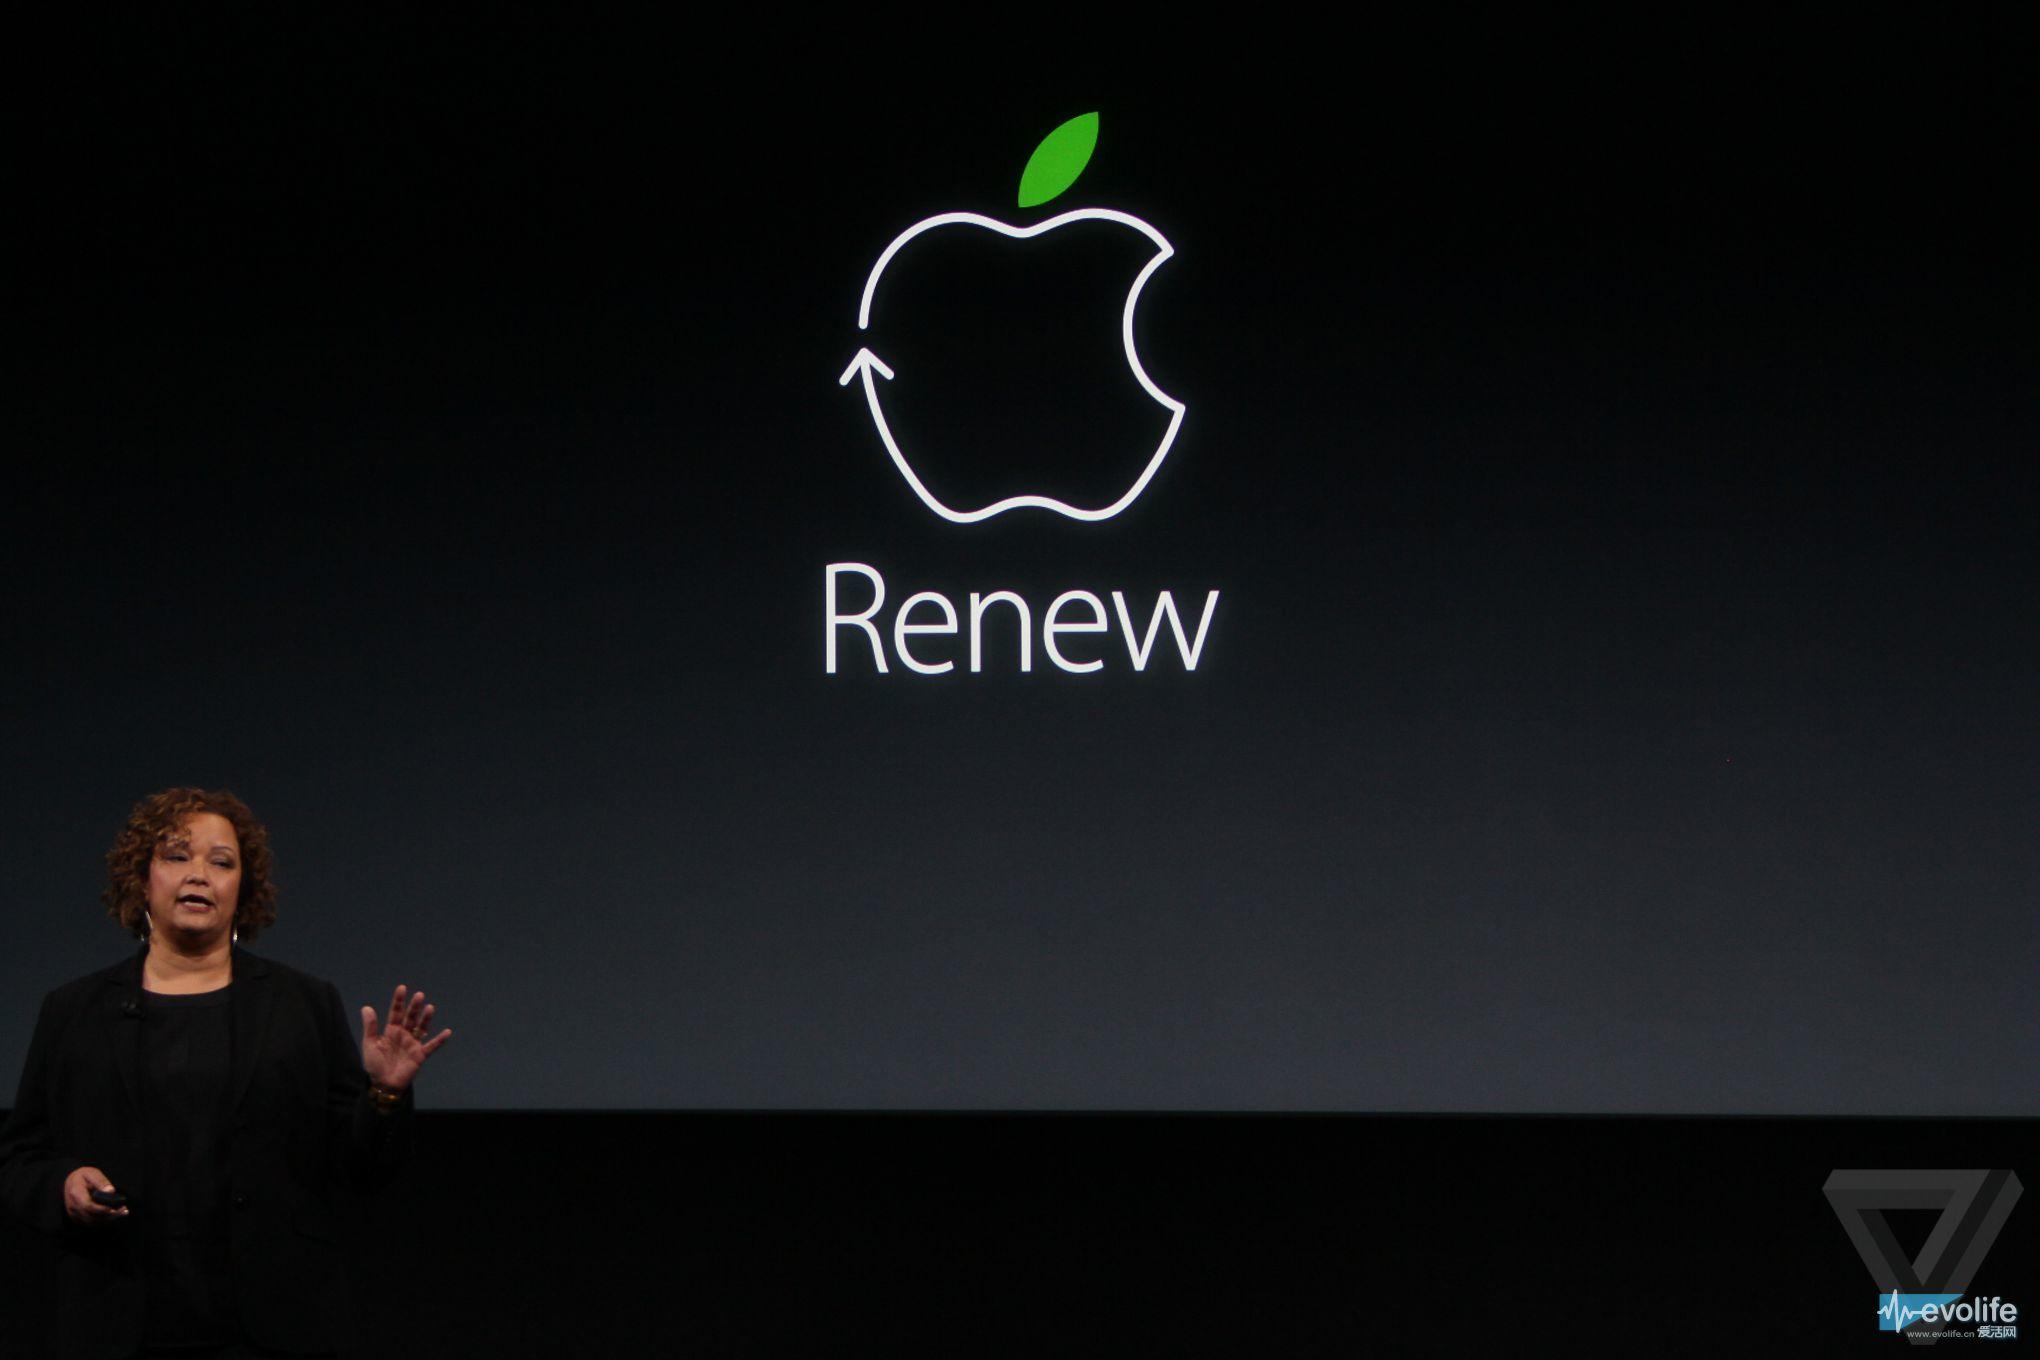 这场苹果发布会真的有必要